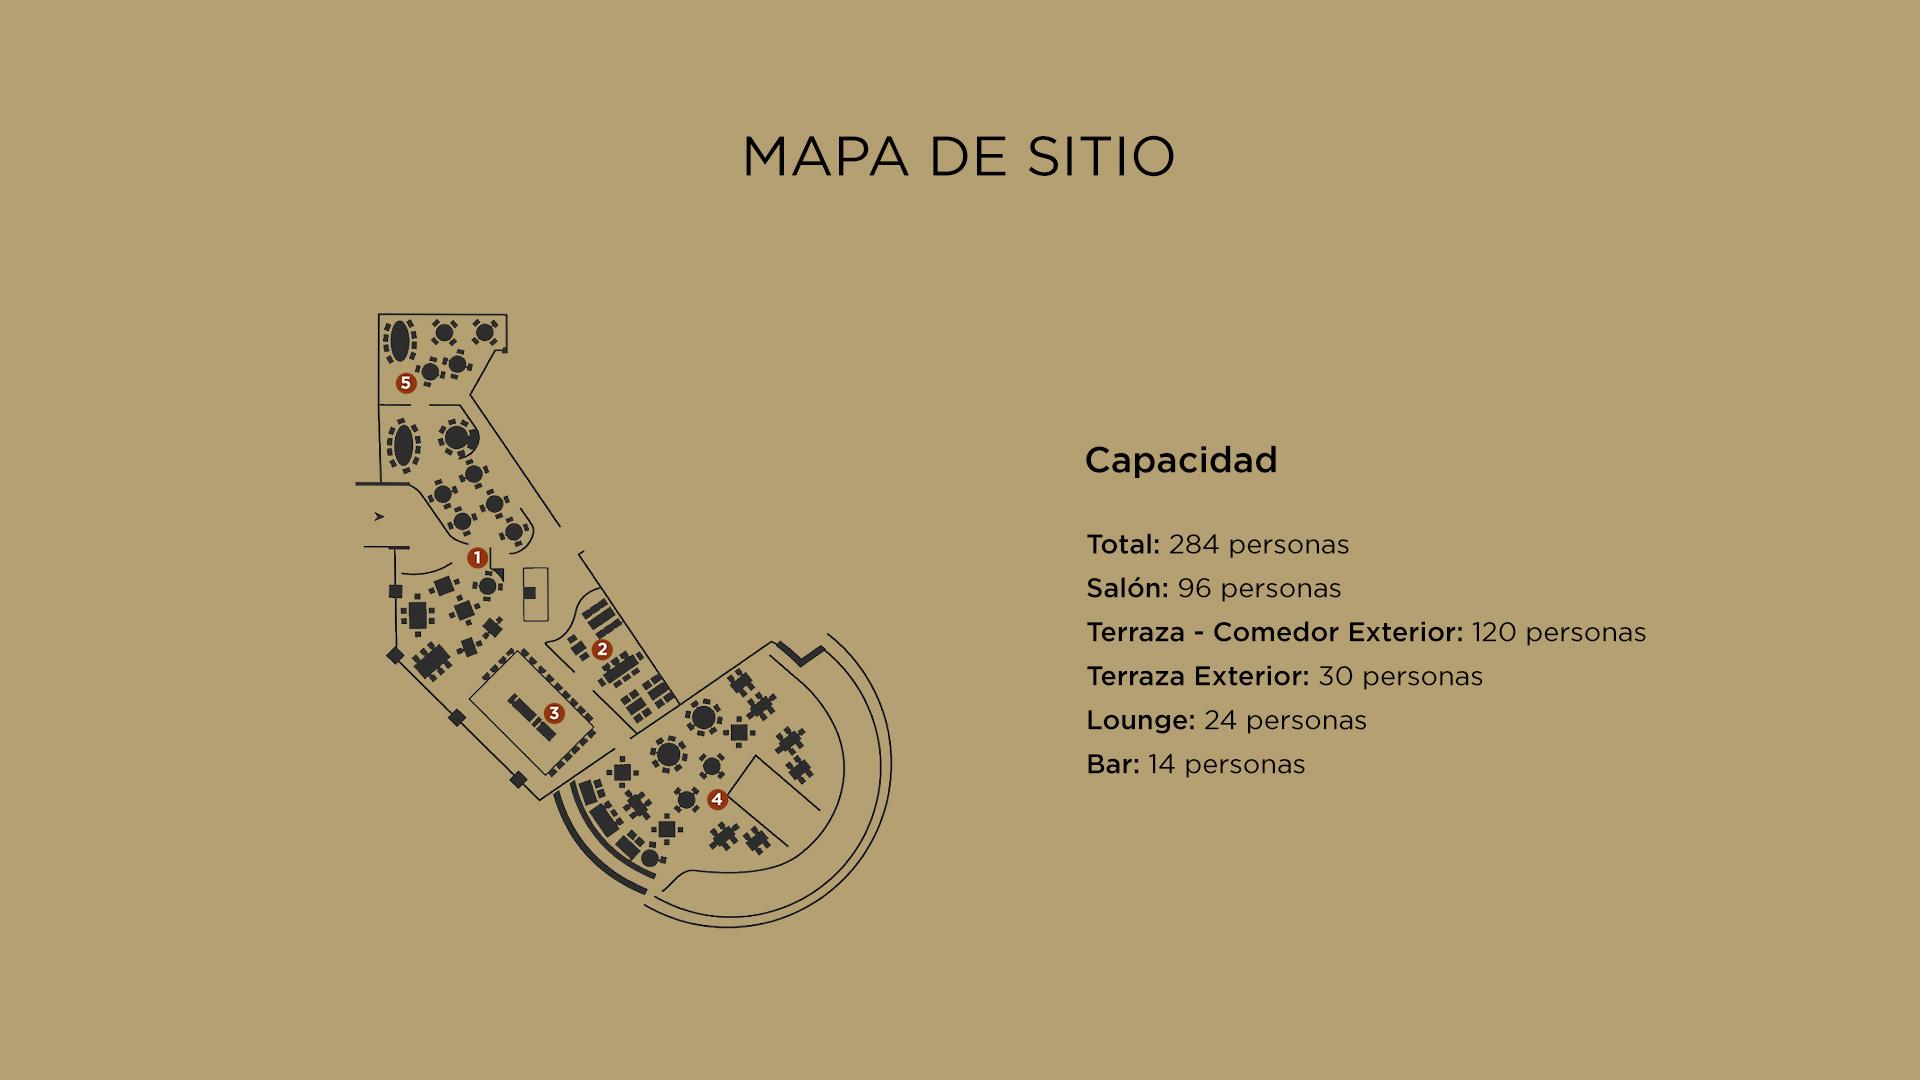 Harrys Mapa 1920x1080 Acapulco